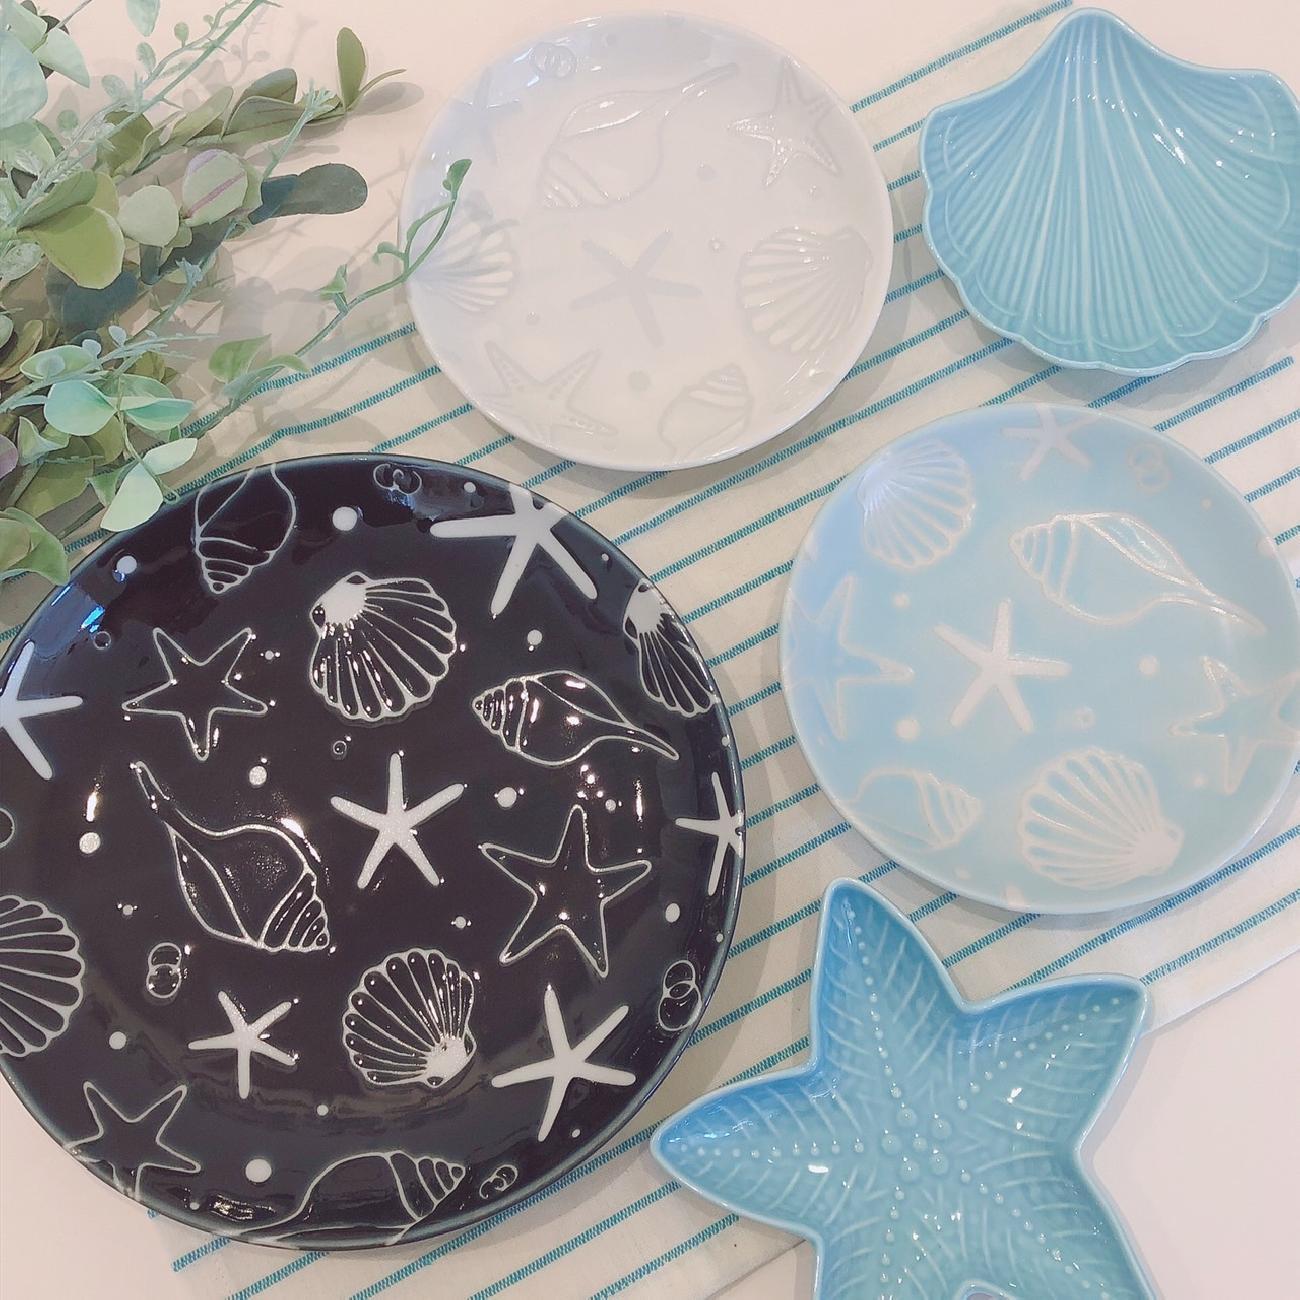 夏/食器/貝殻/コップ/食卓/かわいい/爽やか/涼しげ/ギフト/贈り物/プレゼント